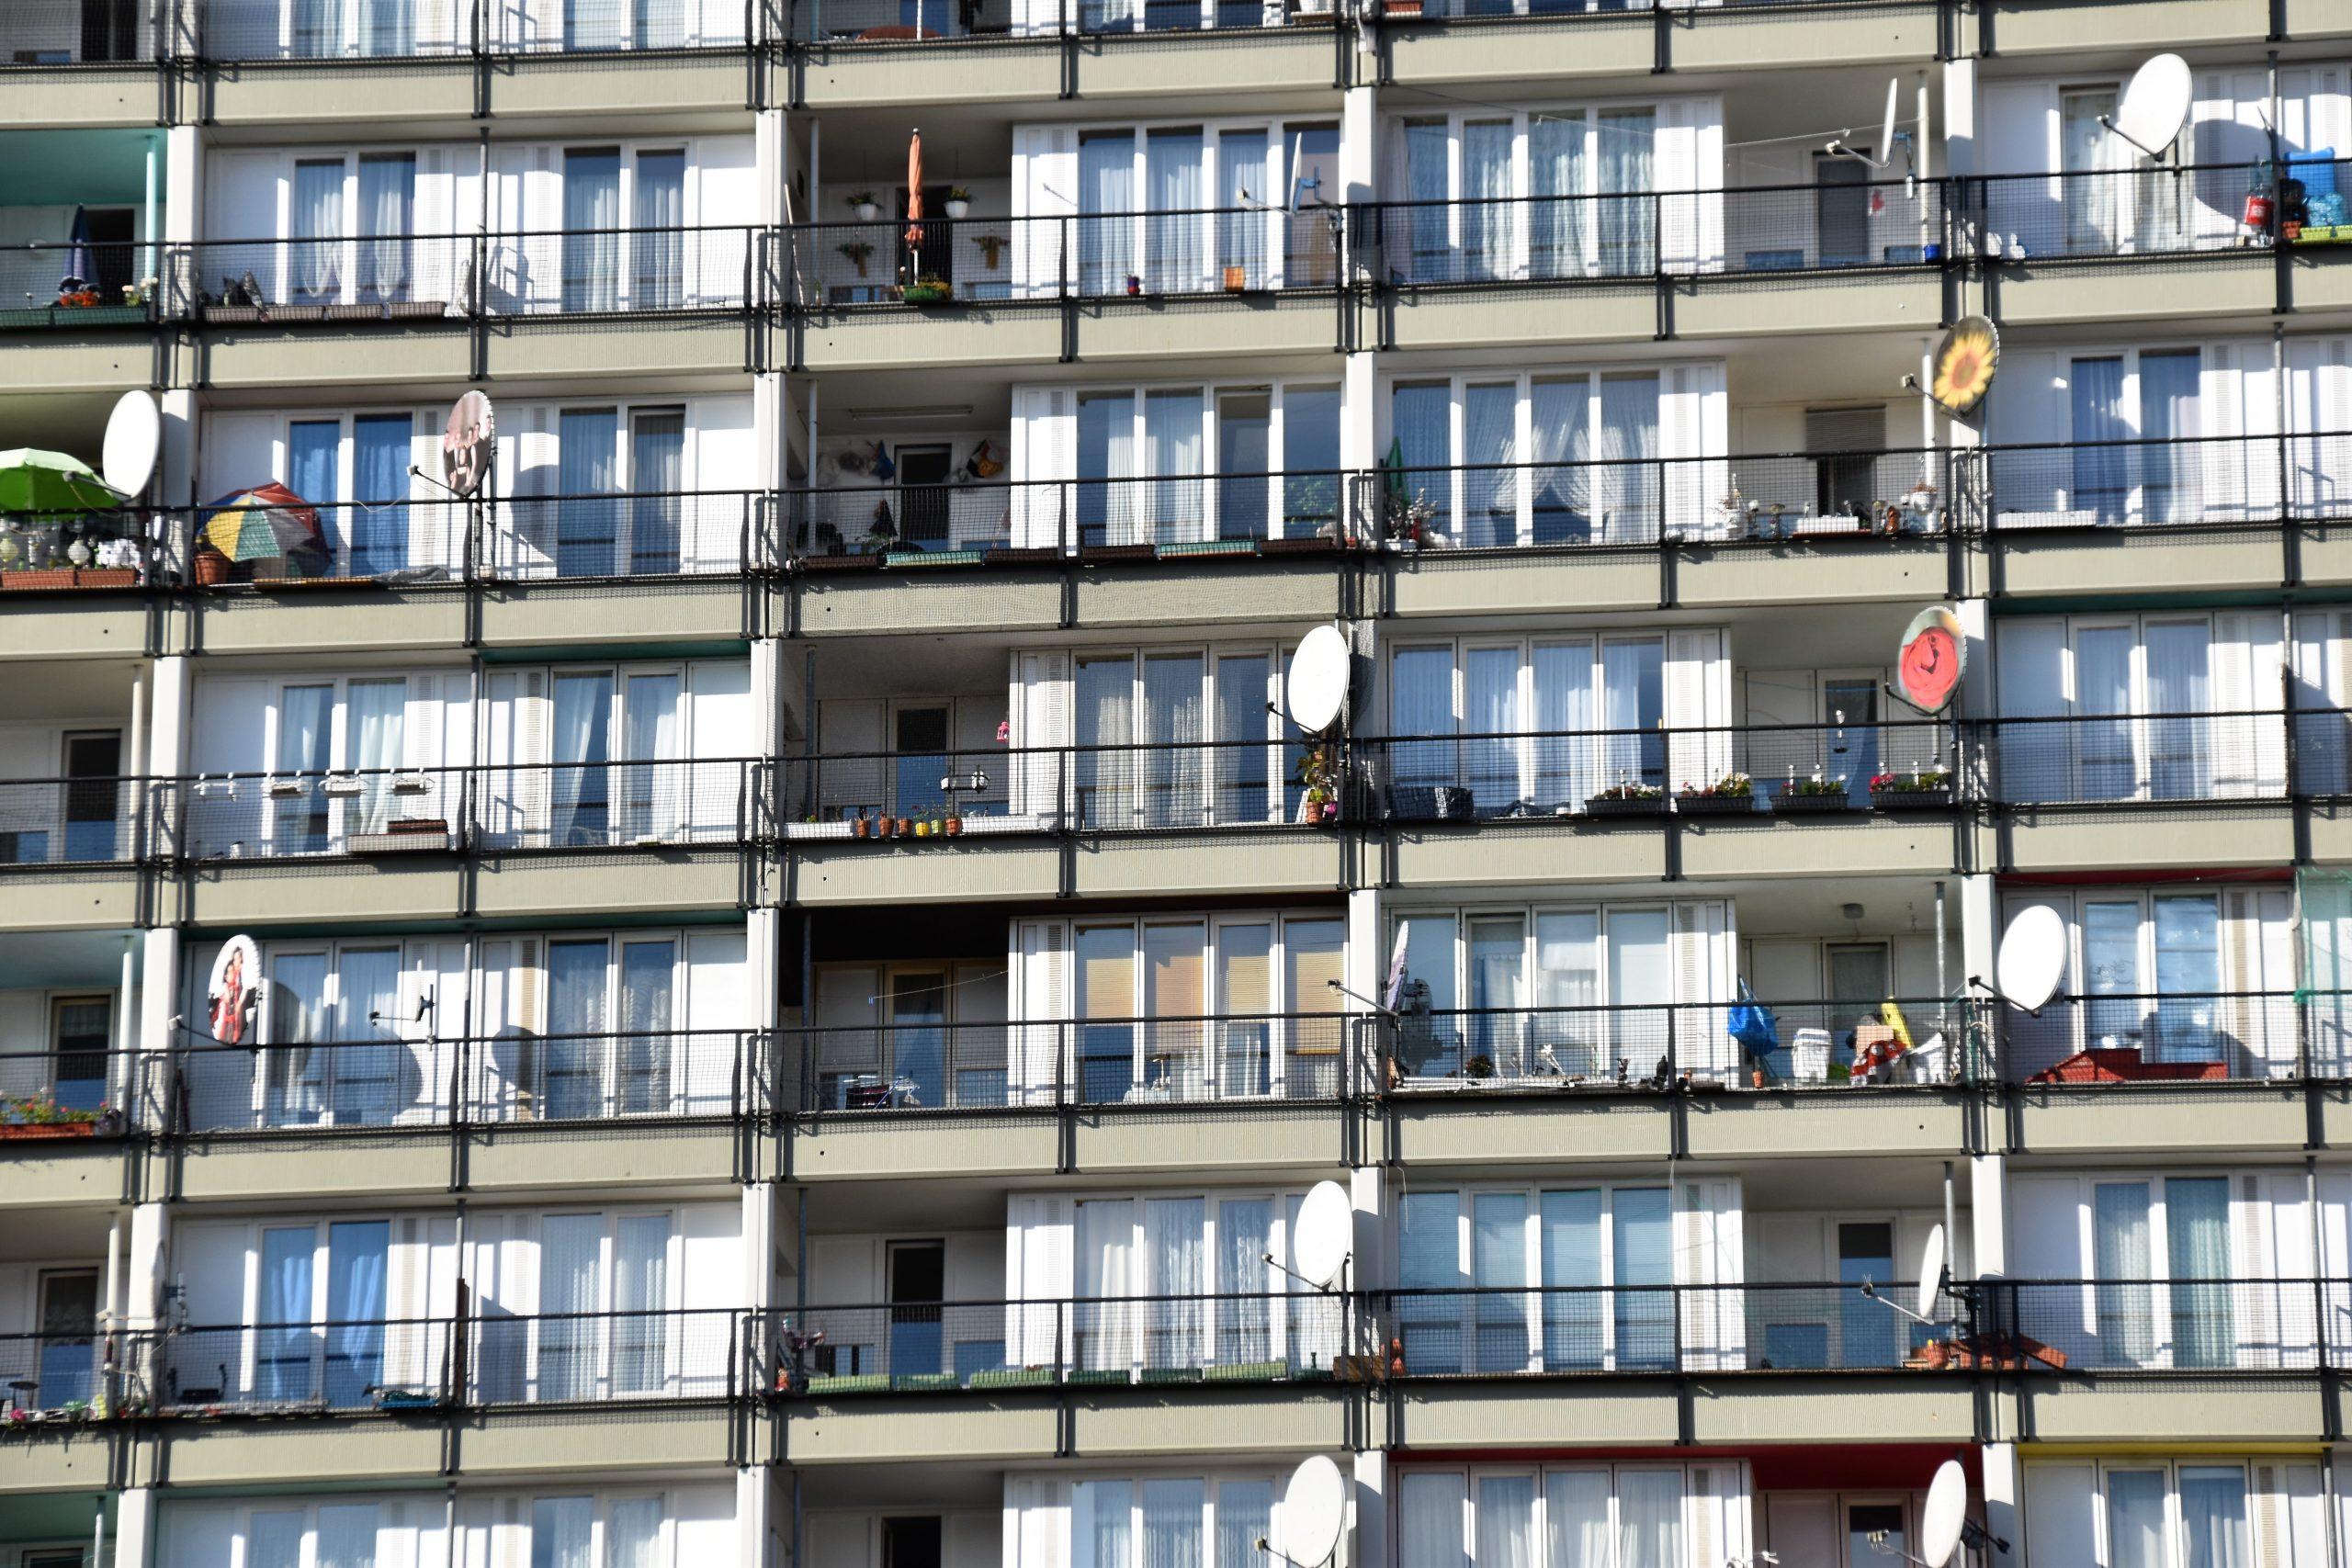 Dezvoltatorii imobiliari anunță că locuințele se vor scumpi cu cel puțin 30%. Economist: Unii încearcă să manipuleze consumatorii thumbnail